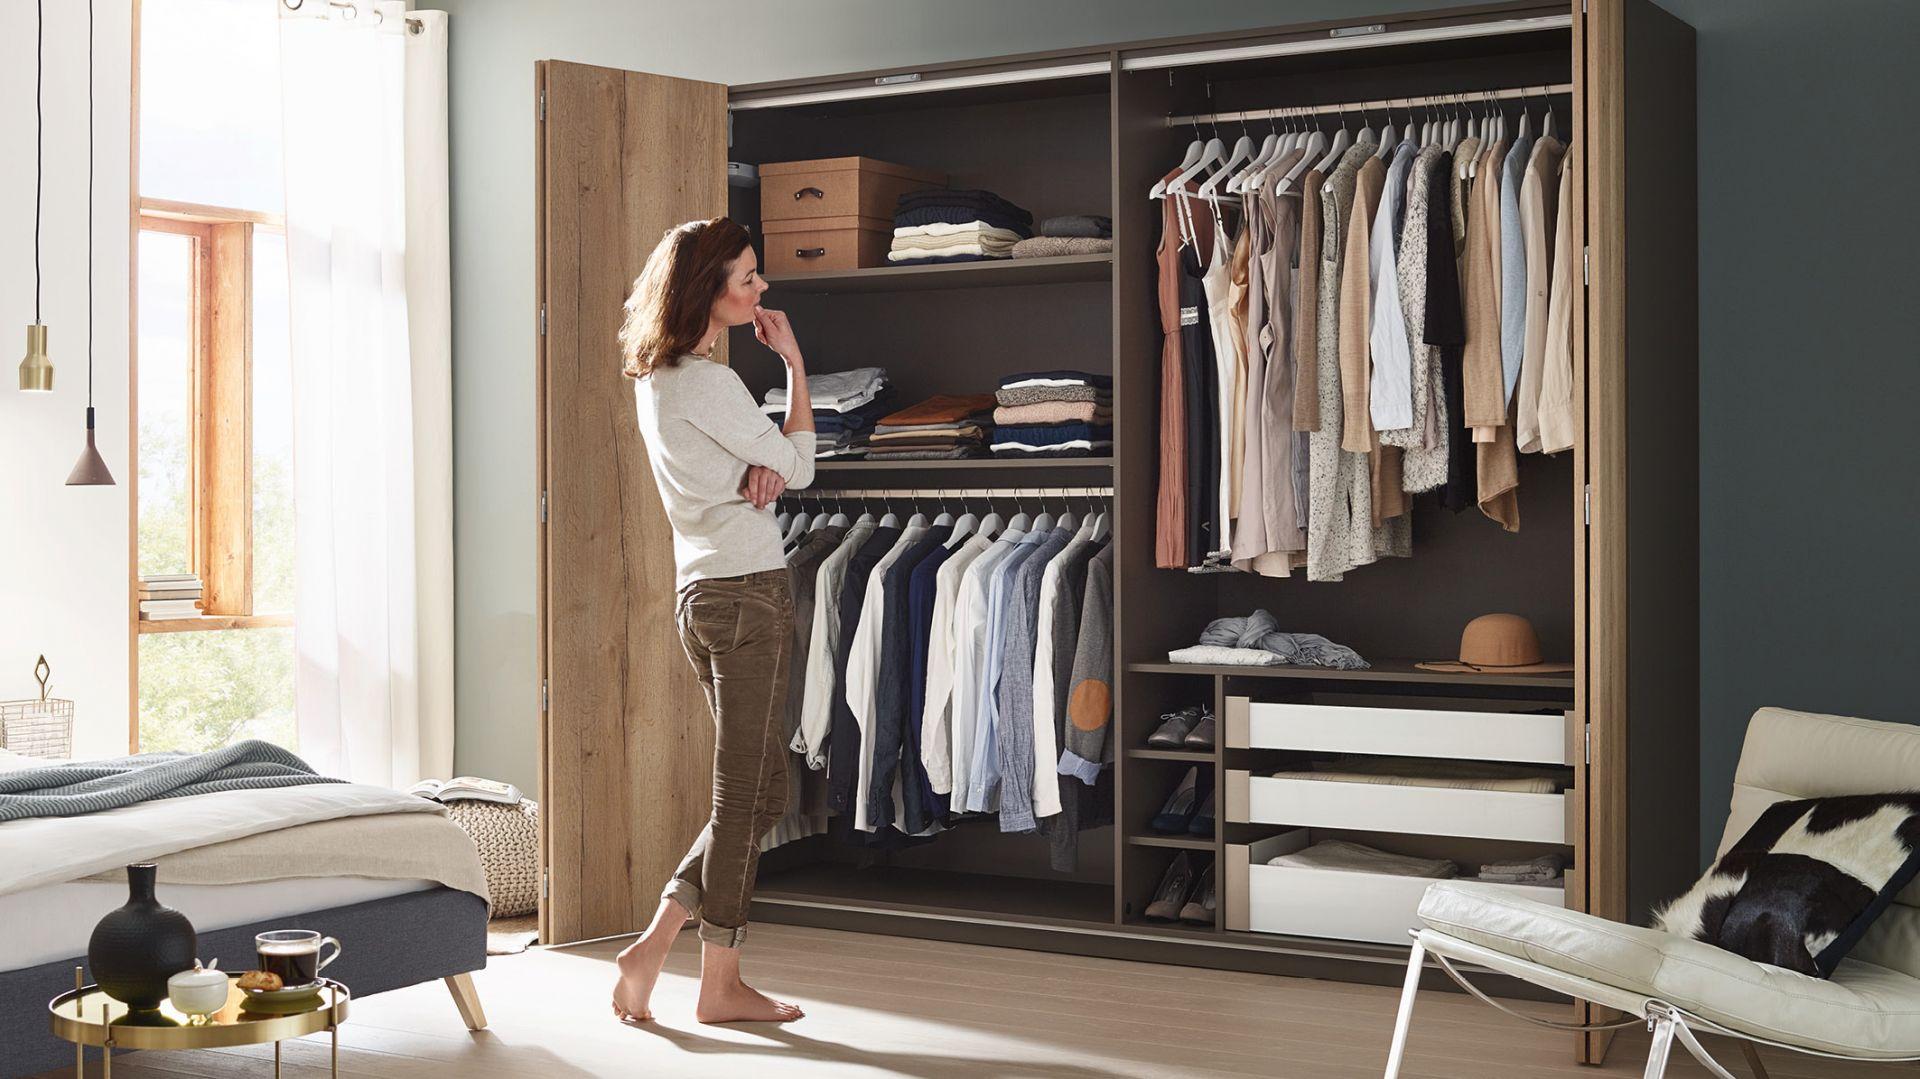 """System do drzwi składanych WingLine L pozwala jednocześnie odsłonić całe wnętrze szafy; podczas otwierania """"łamią się"""" na mniejsze fronty. Fot. Hettich"""